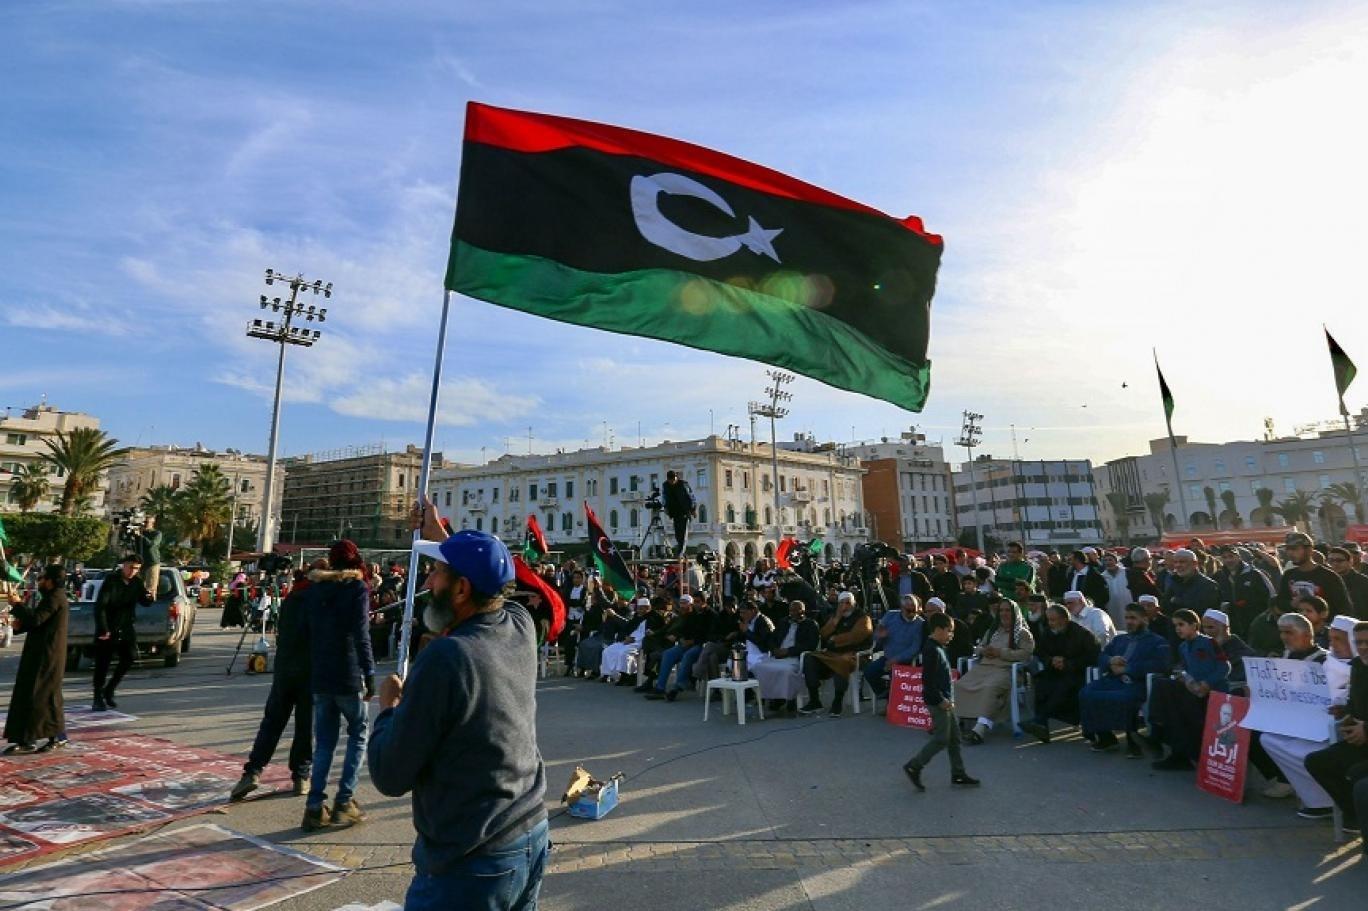 شارك 72 عضواً من ملتقى الحوار السياسي الليبي في عملية التصويت